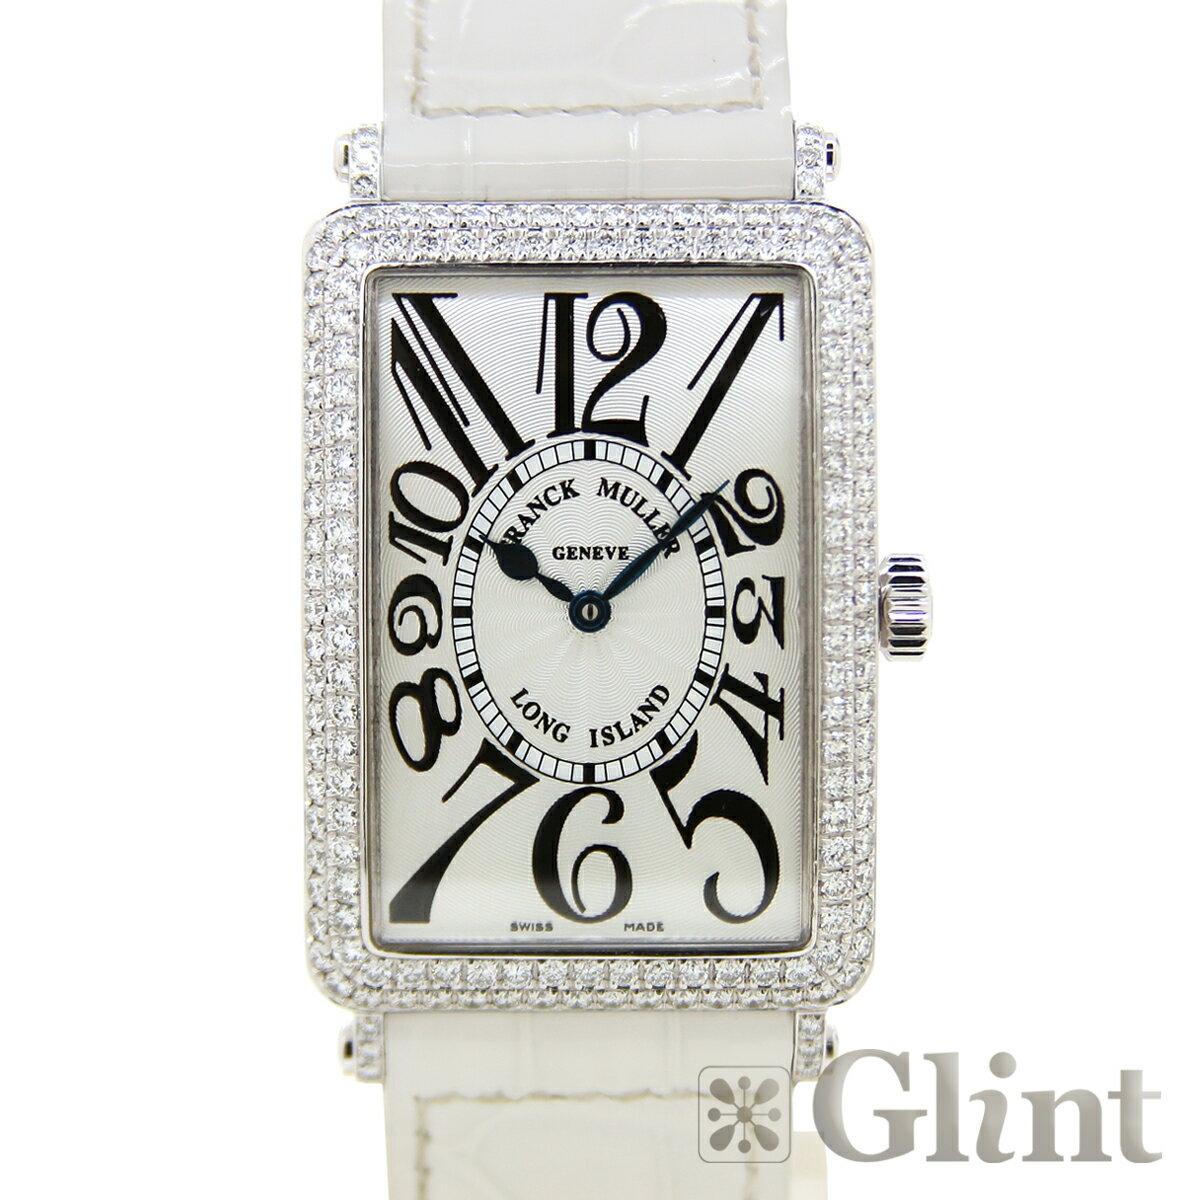 フランクミュラー(FRANCK MULLER) ロングアイランド ダイヤモンド 100SC D 〔純正ダイヤ〕〔18Kホワイトゴールド〕〔腕時計〕〔メンズ〕【中古】